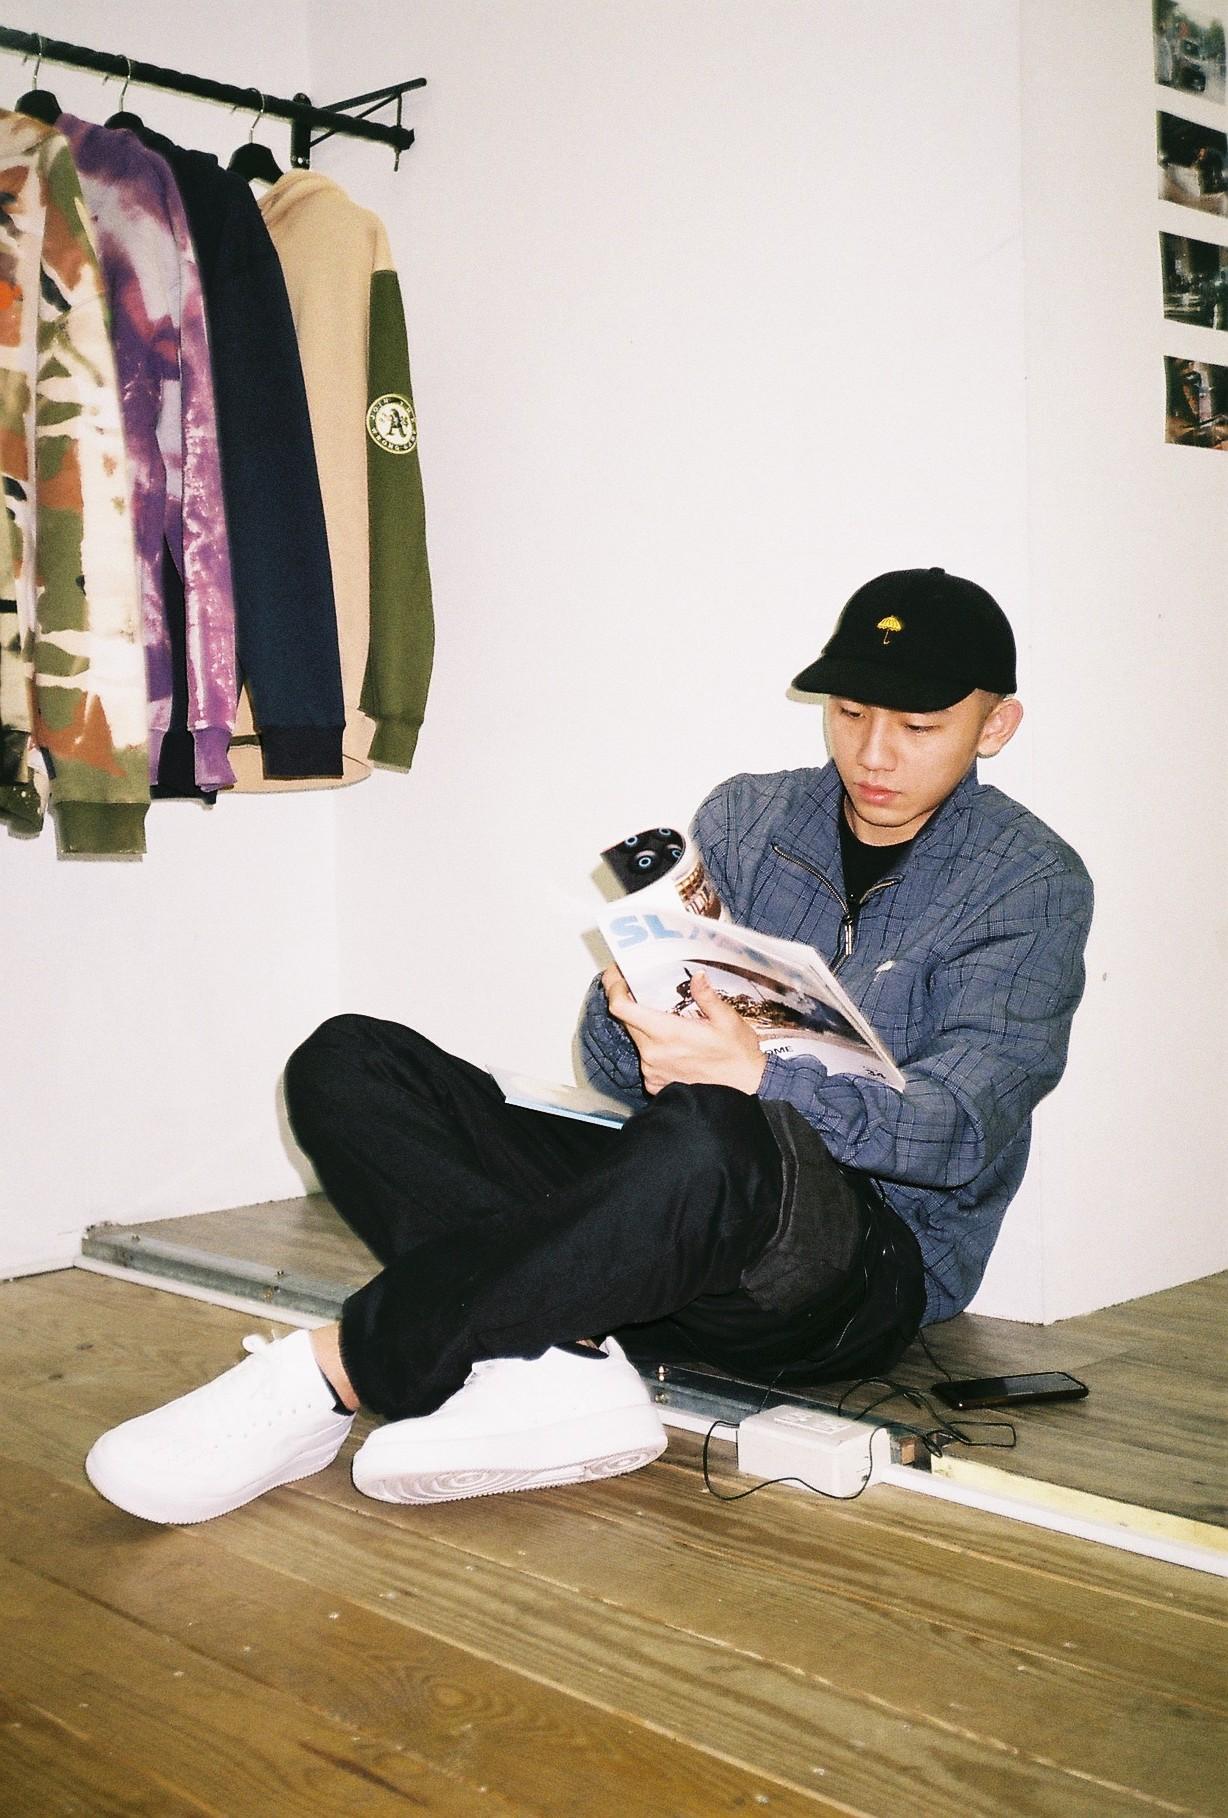 Kyle, Studio 31.54 interview for lejournaldebord.fr